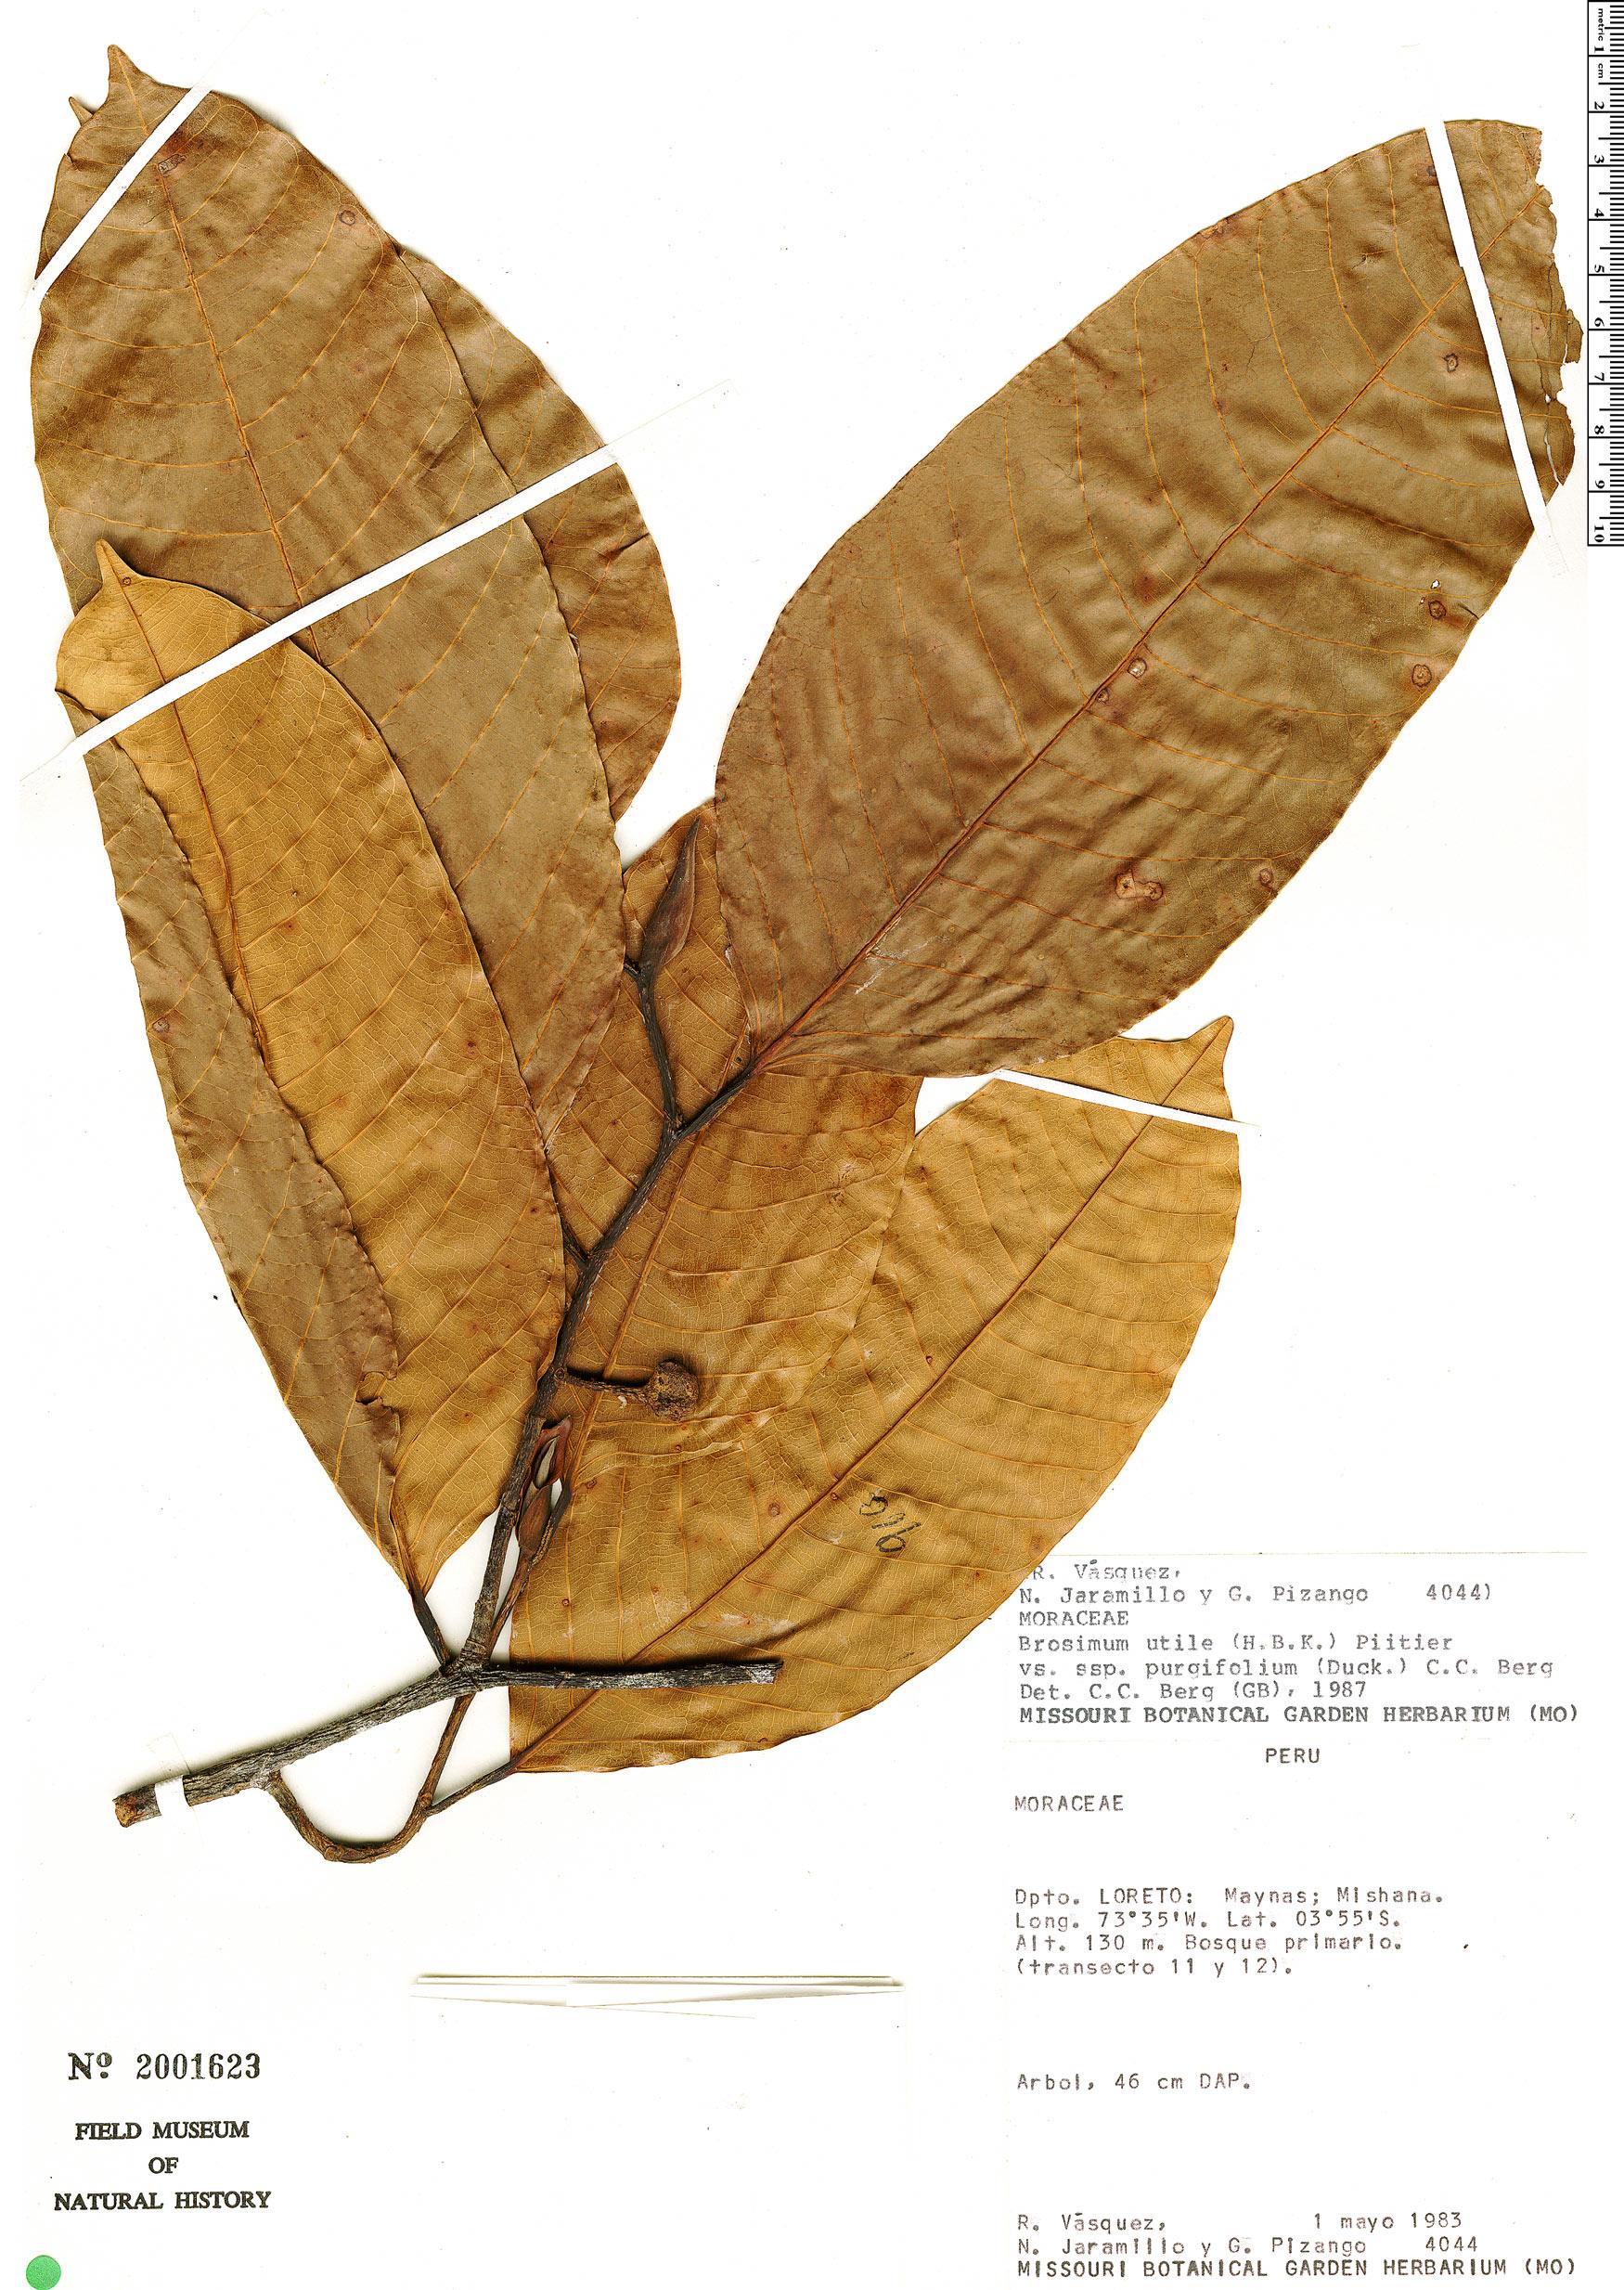 Specimen: Brosimum longifolium